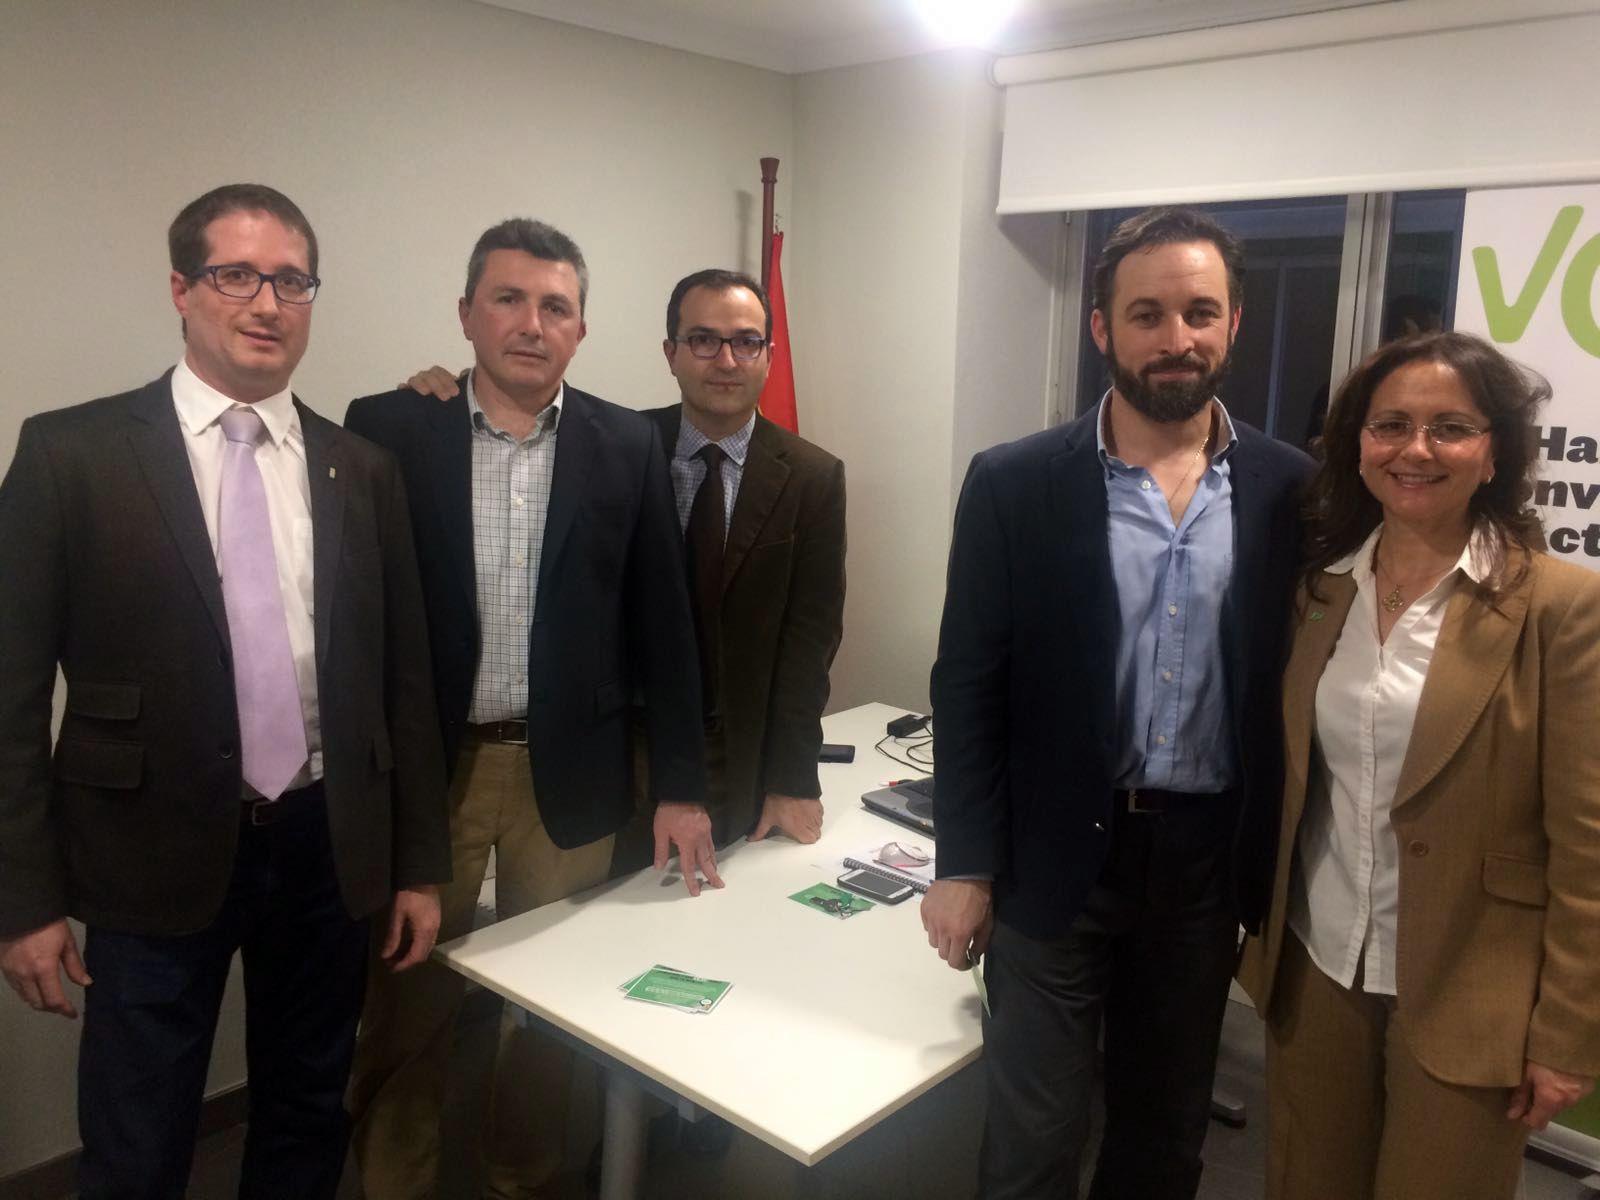 En la imagen, cargos de VOX Alicante y Murcia junto al presiente de VOX, Santiago Abascal Conde (d) junto a los cargos de VOX Murcia hoy, martes 14 de febrero de 2017, durante acto de inauguración de la Sede de VOX en Murcia, en uno de los despacho de la nueva sede de los 'voxes' murcianos. Lasvocesdelpueblo.